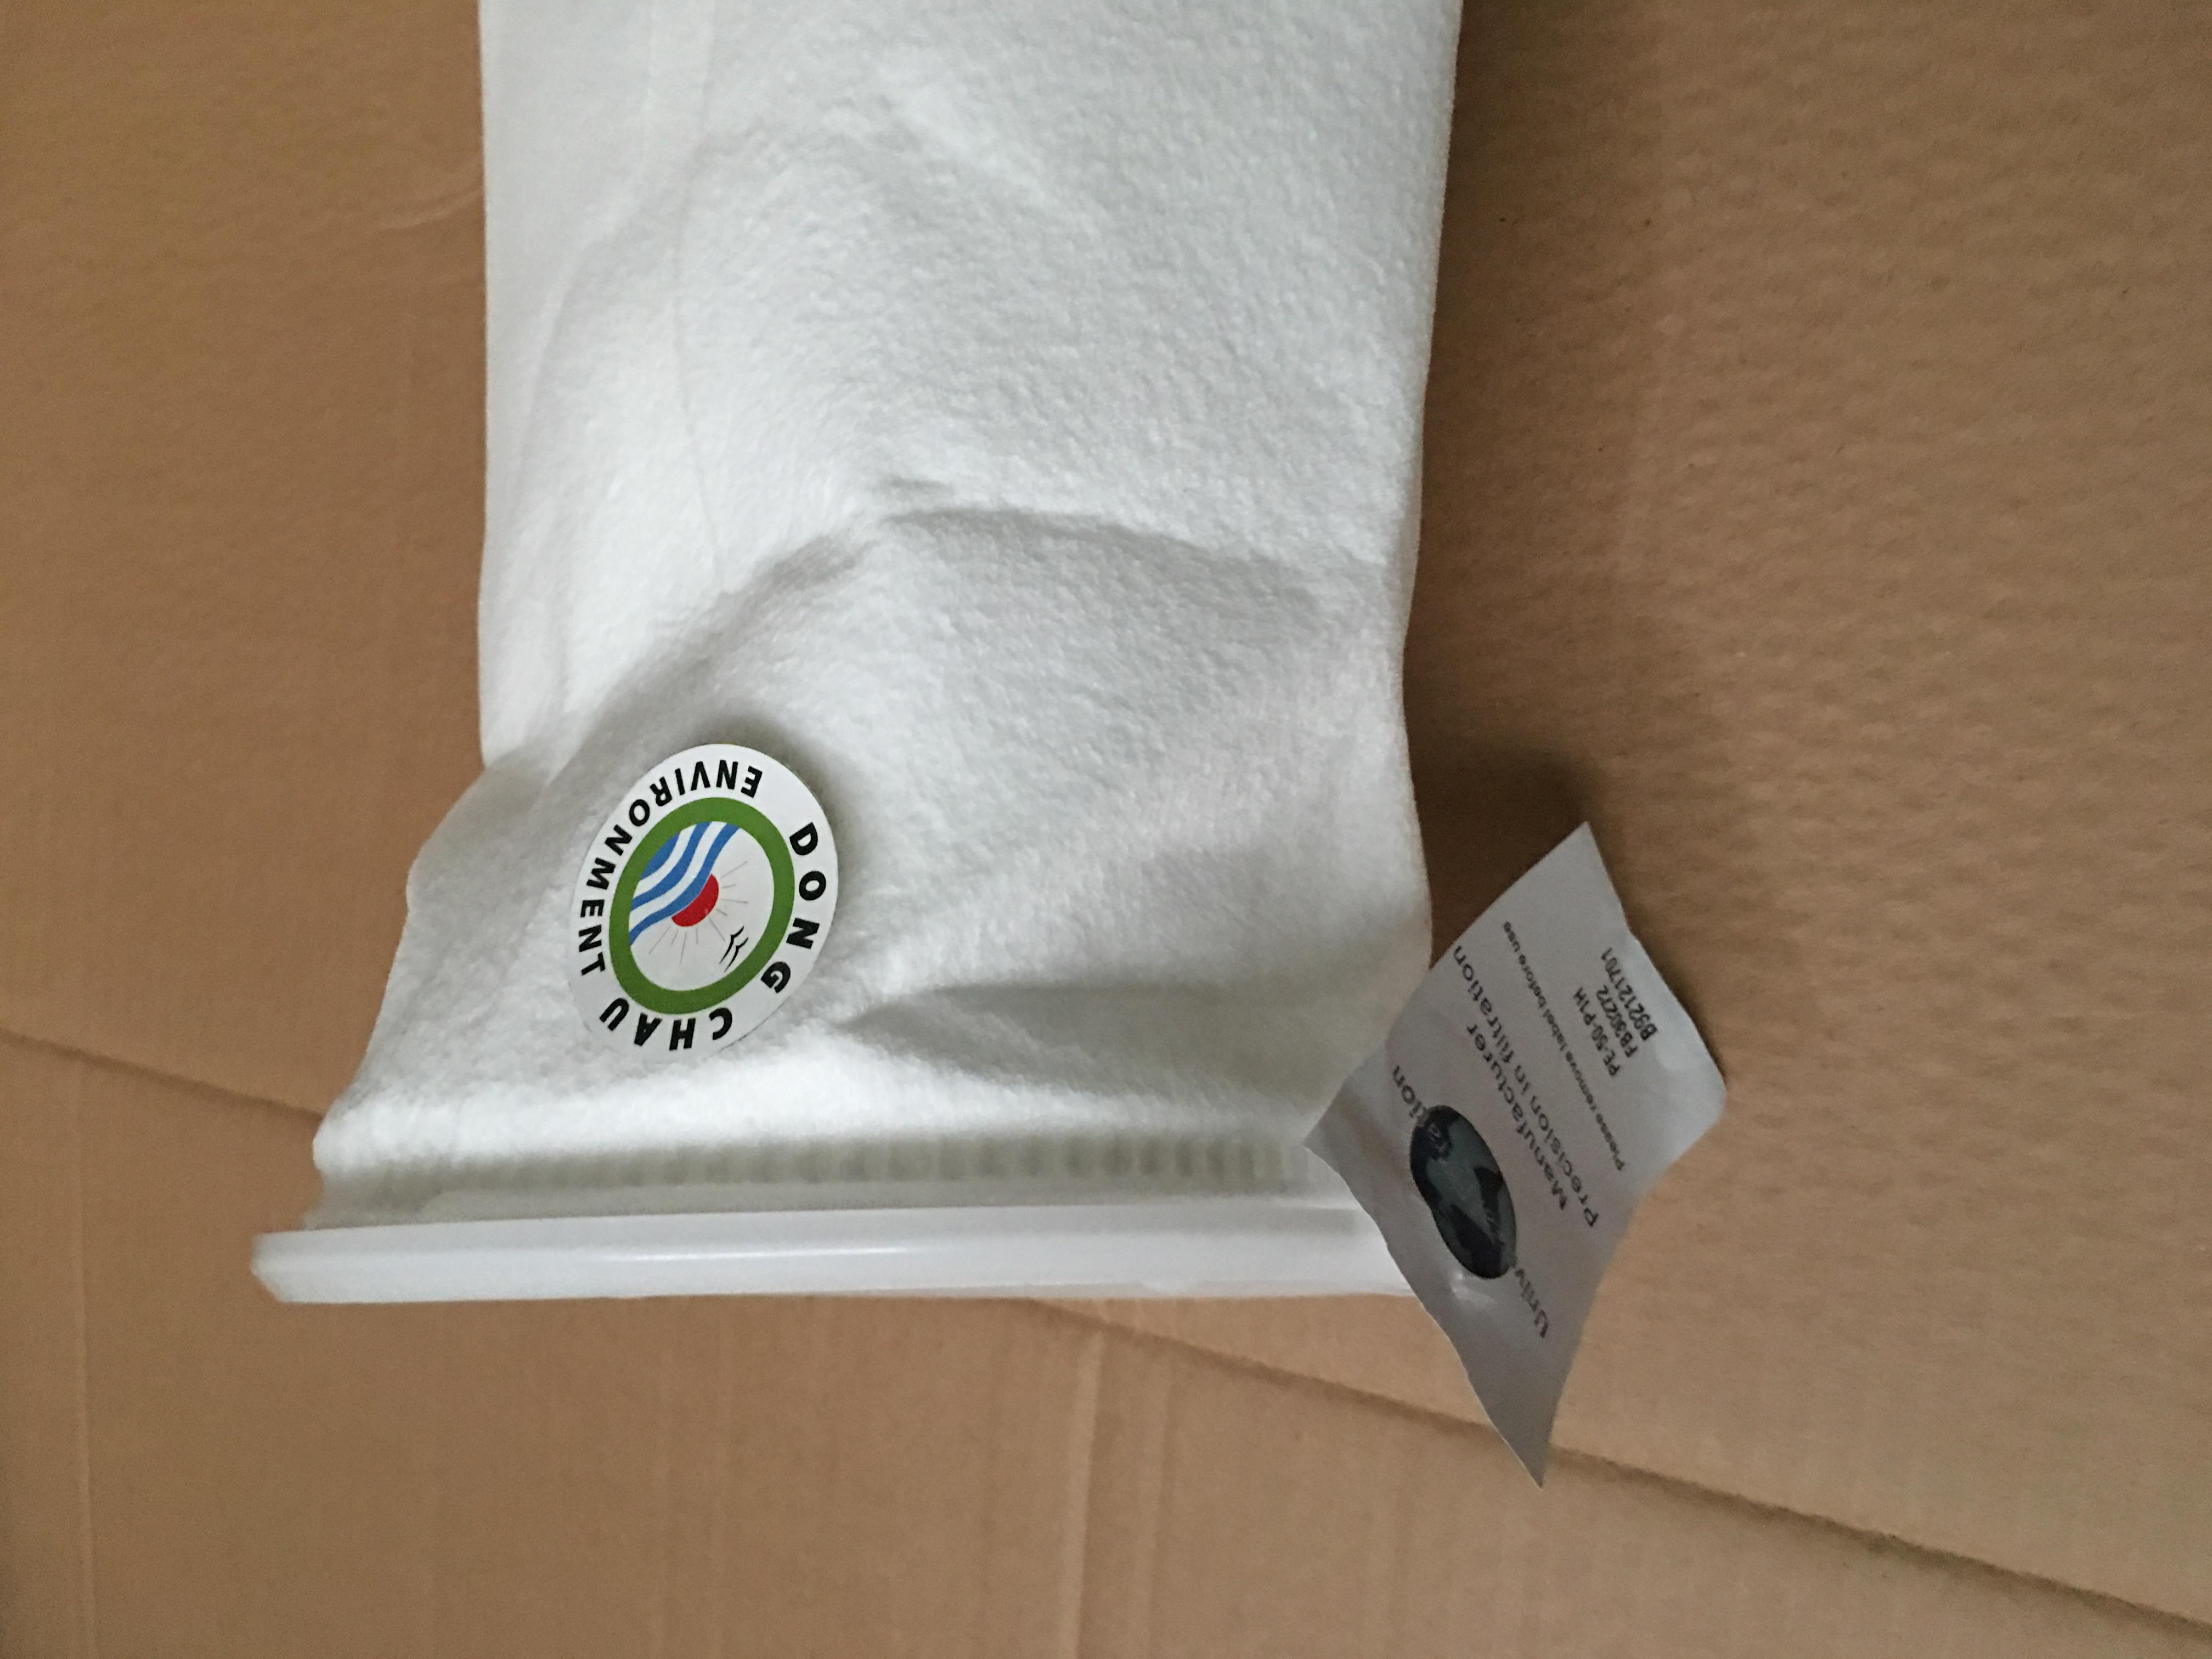 Túi lọc PE 50 micron size 1 có thể sử dụng tại nhiệt độ làm việc lên đến 130 ℃